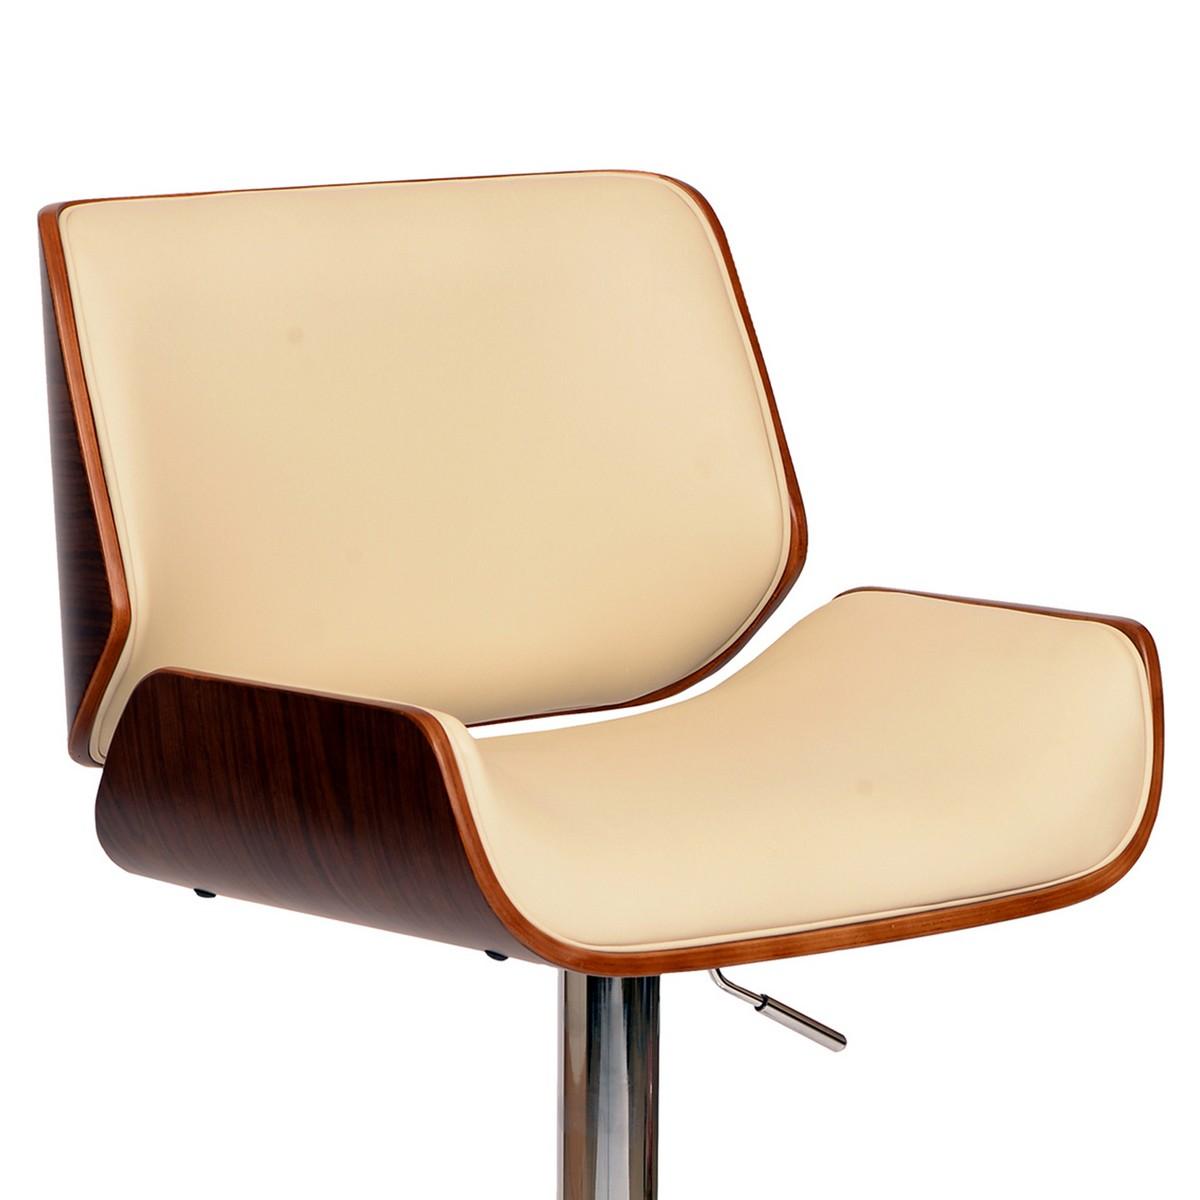 Armen Living London Swivel Barstool In Cream Leatherette/ Walnut Veneer and Chrome Base